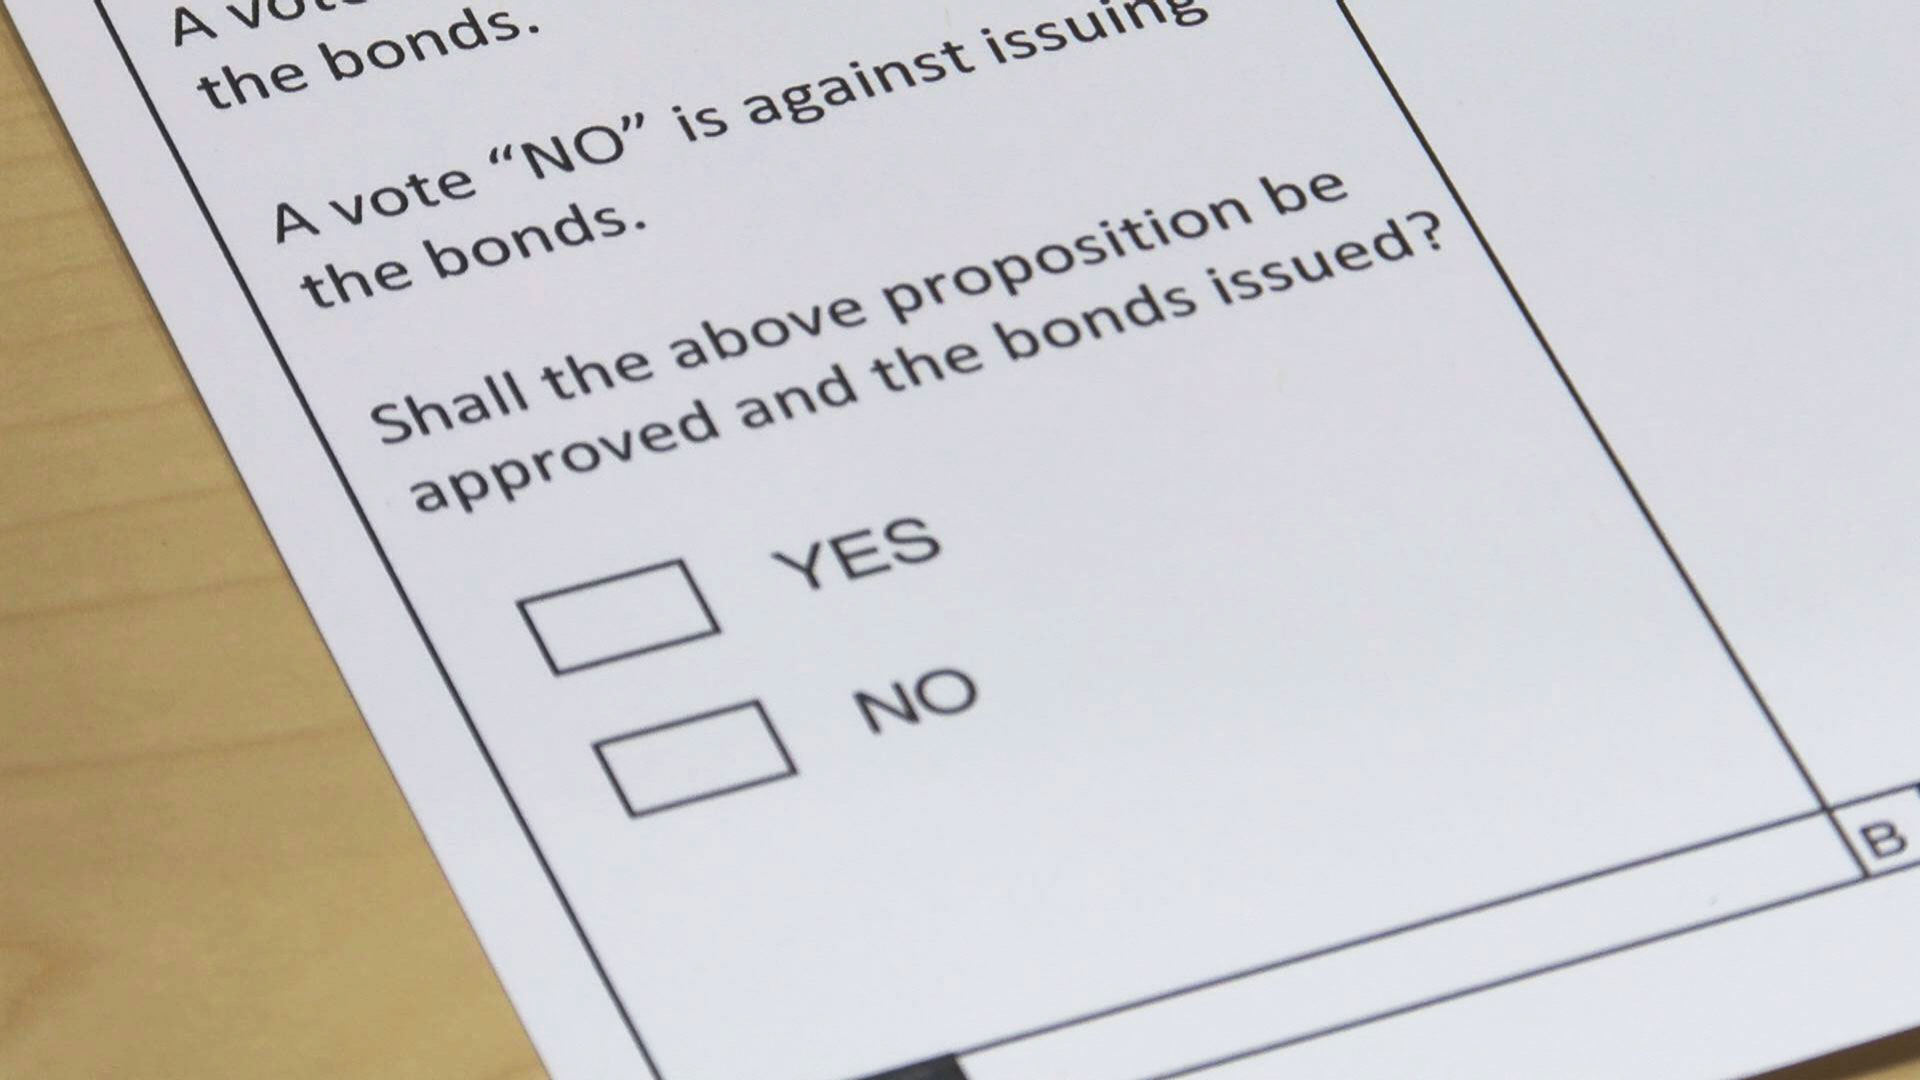 KELO School bond vote ballot